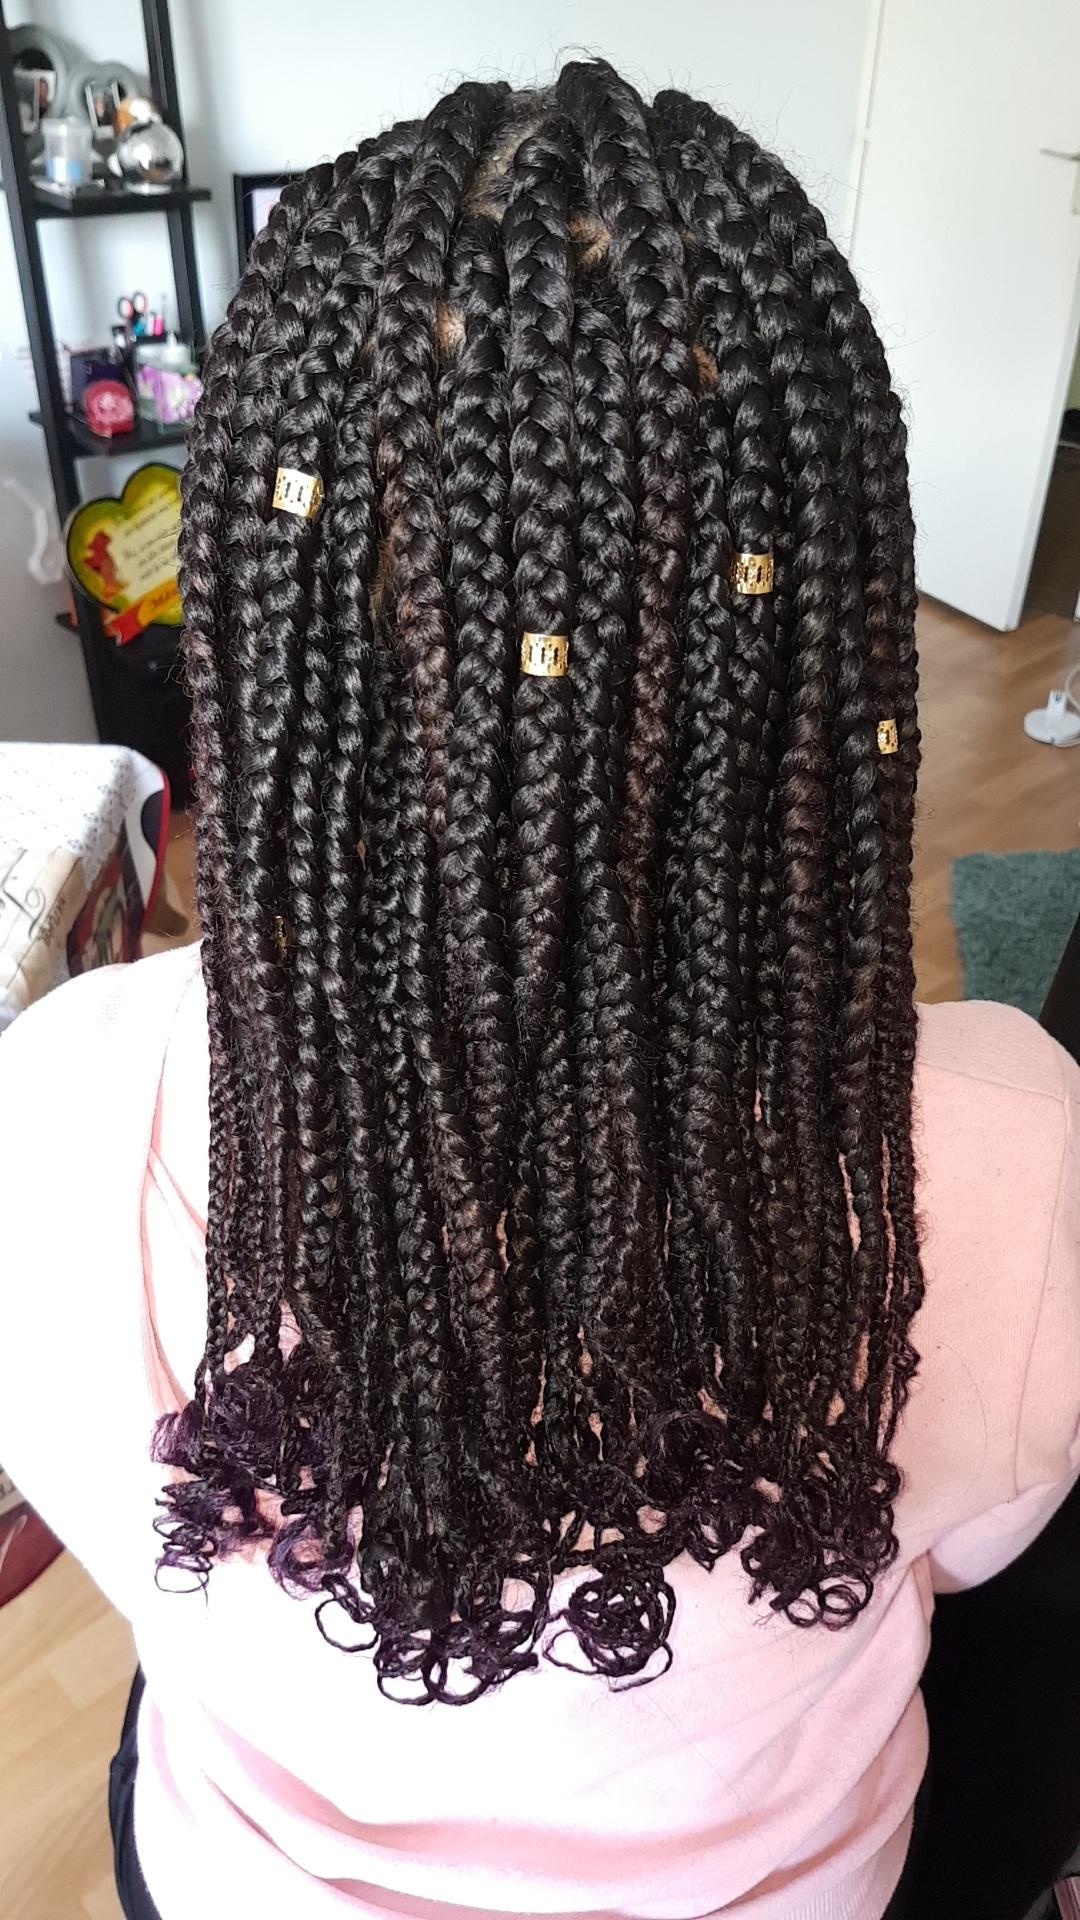 salon de coiffure afro tresse tresses box braids crochet braids vanilles tissages paris 75 77 78 91 92 93 94 95 VNJCWAFV